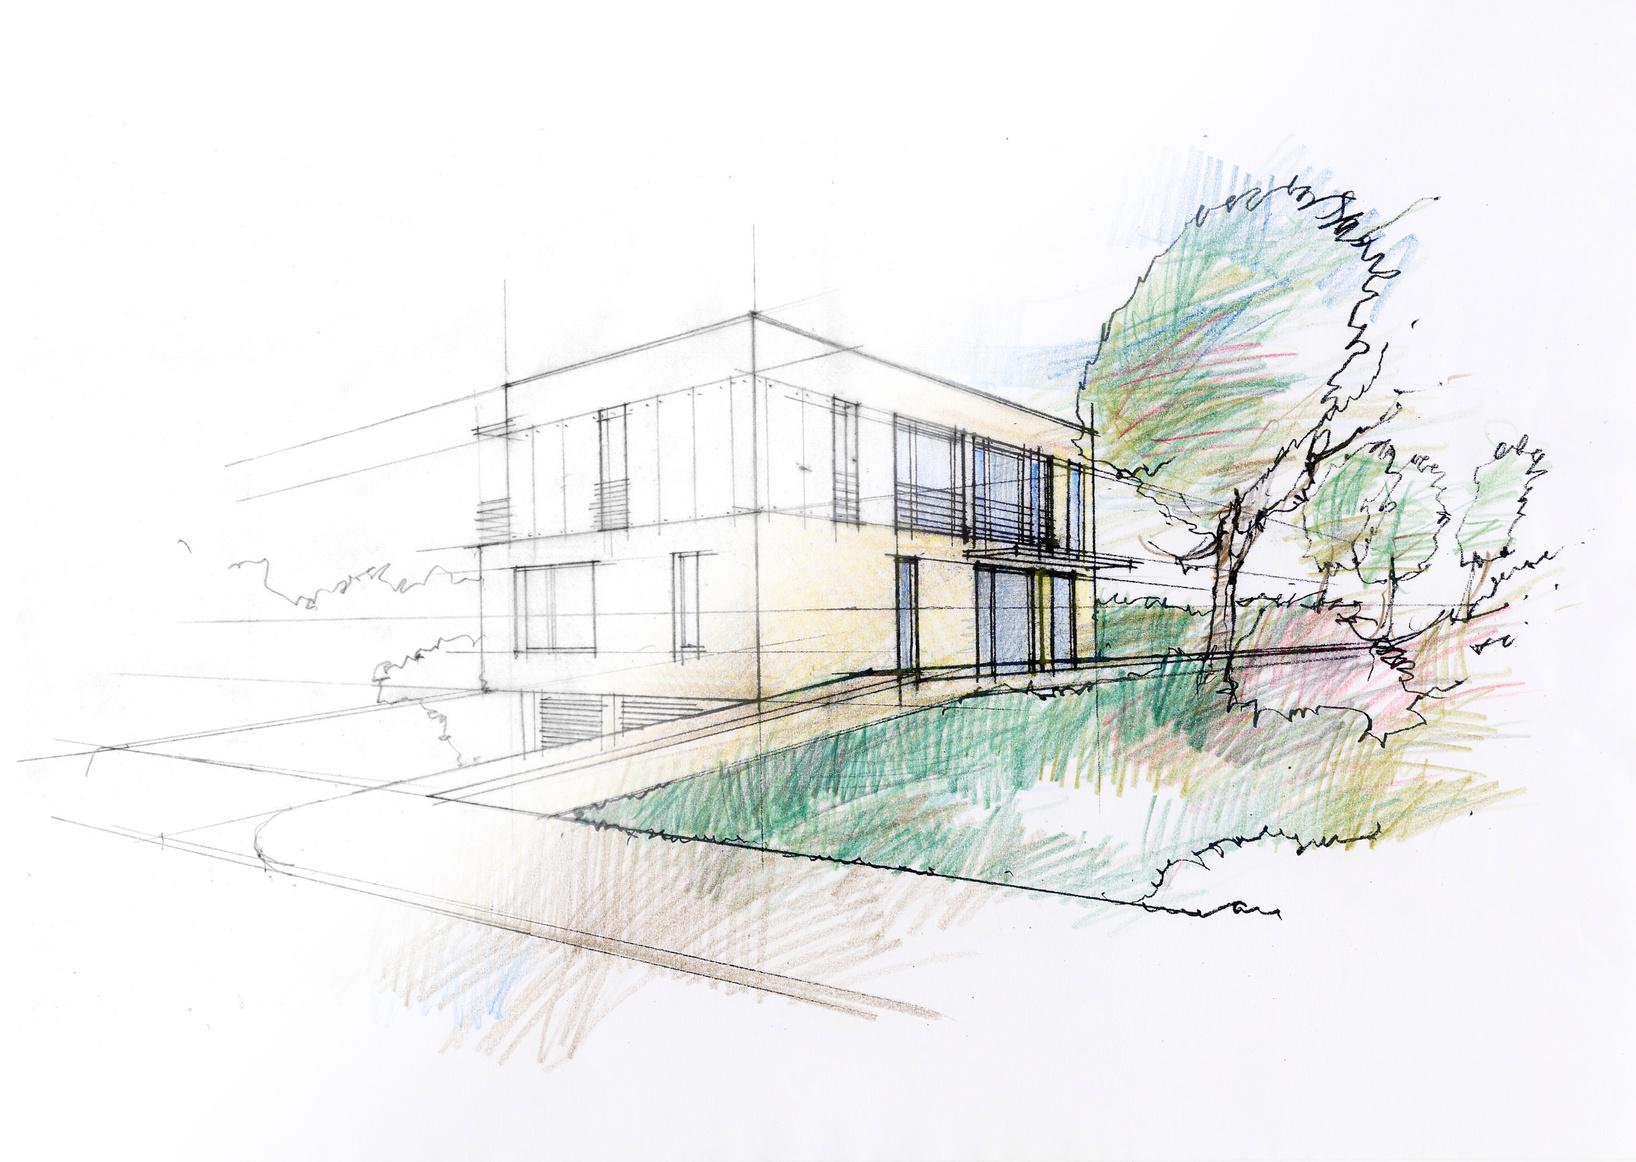 metier pour construire une maison ventana blog. Black Bedroom Furniture Sets. Home Design Ideas